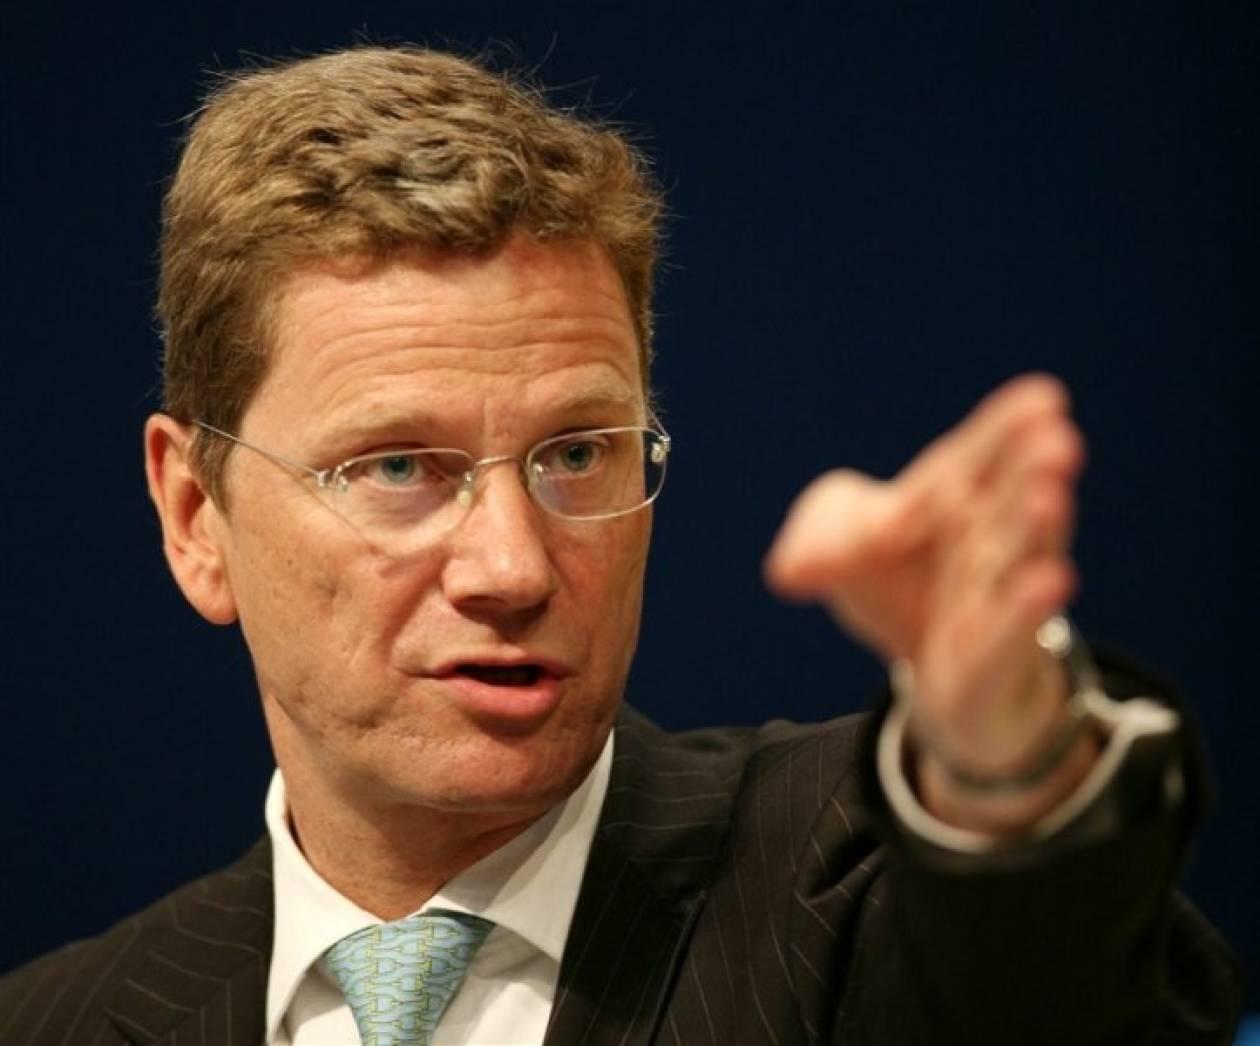 «Βραχυπρόθεσμη λύση η τύπωση χρήματος από ΕΚΤ»